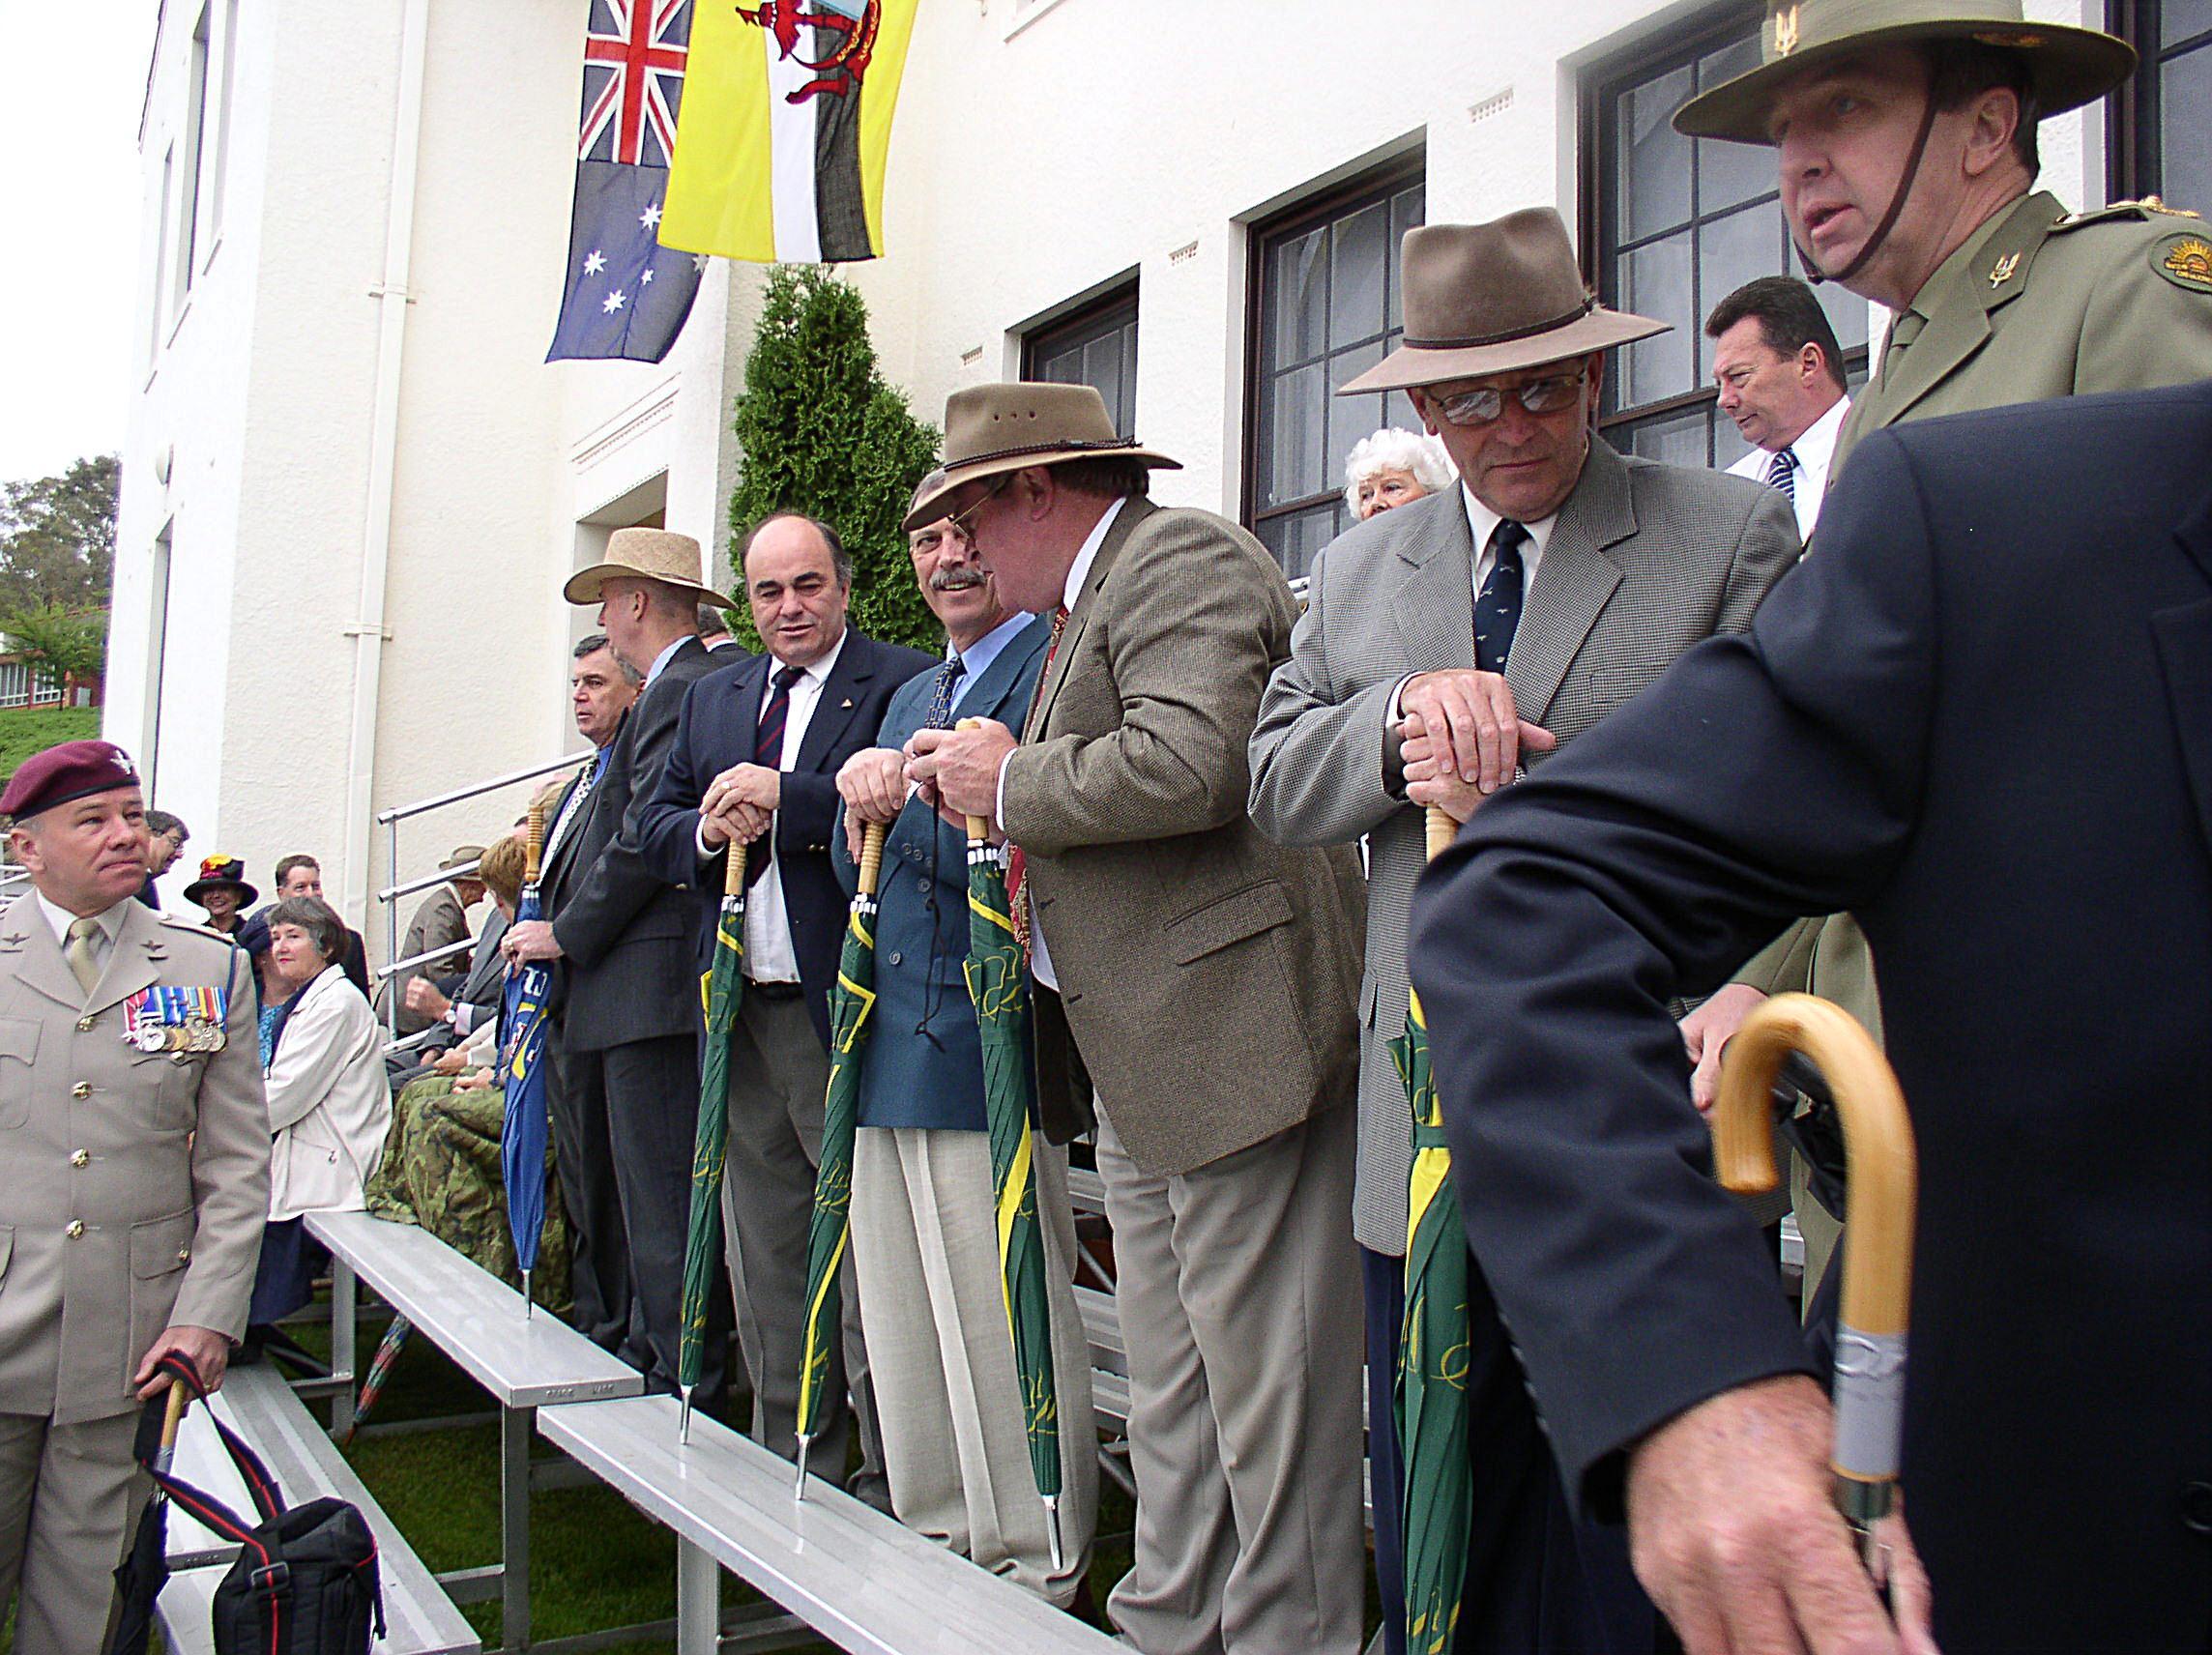 The Kiwi Brolley Brigade at Parade 2a